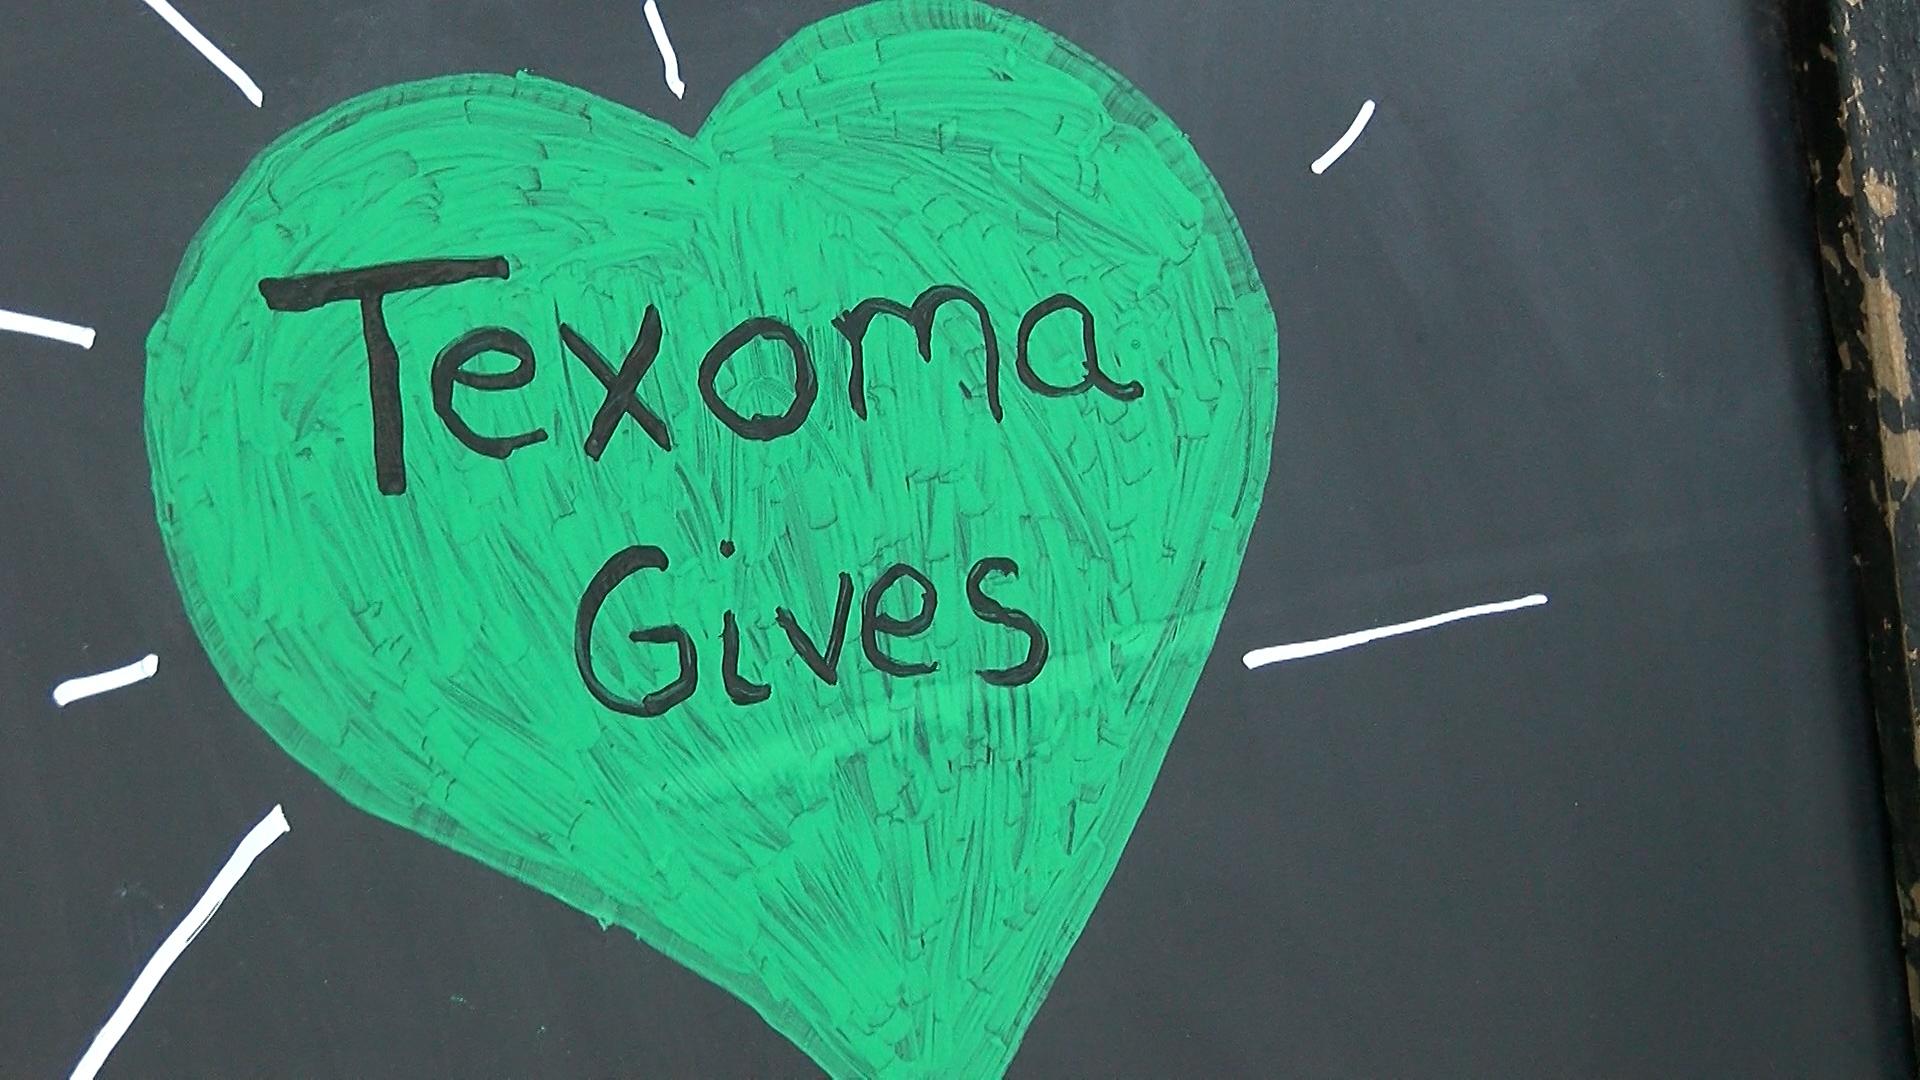 TEXOMA GIVES_1504843431697.jpg